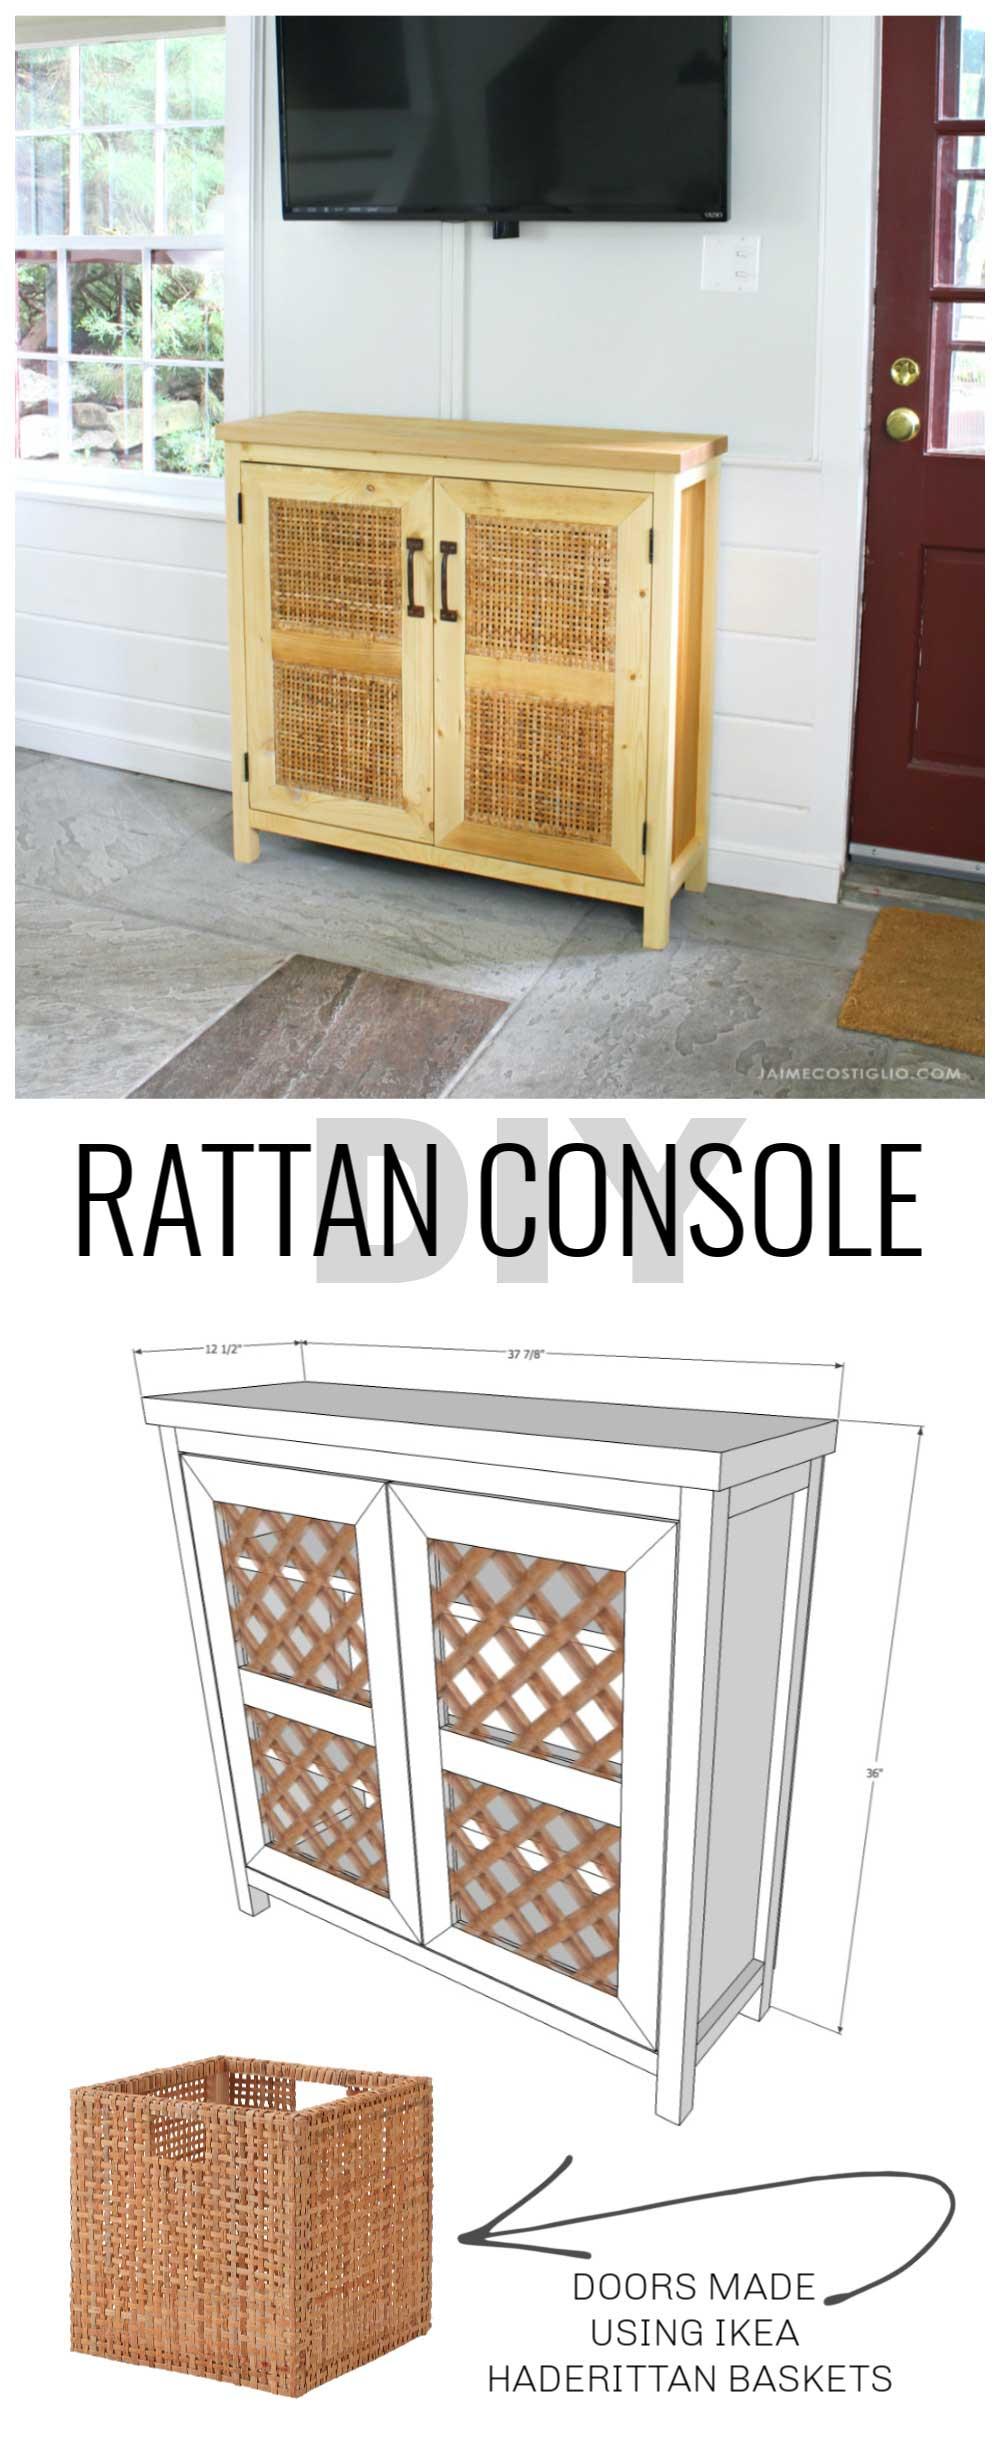 rattan console plans